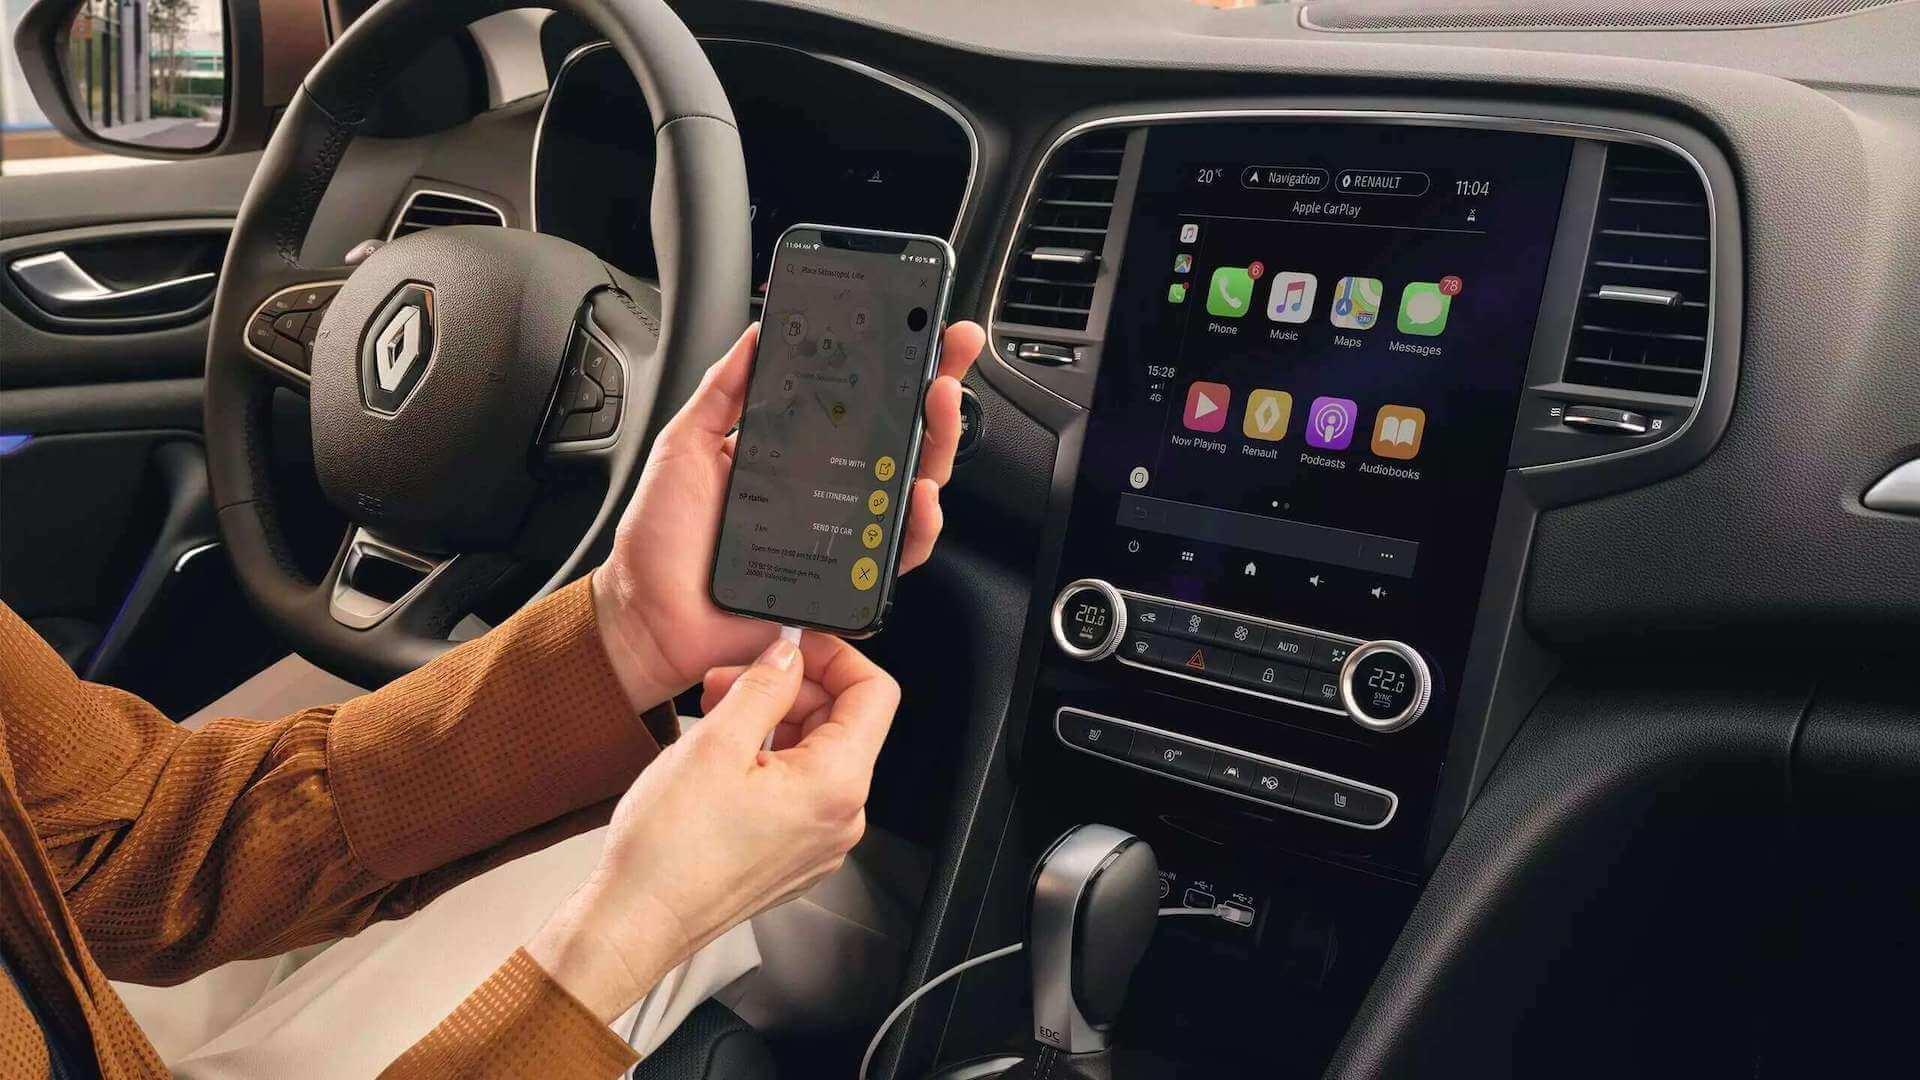 Auto von innen - Smartphone wird geladen - Renault Megane - Renault Ahrens Hannover